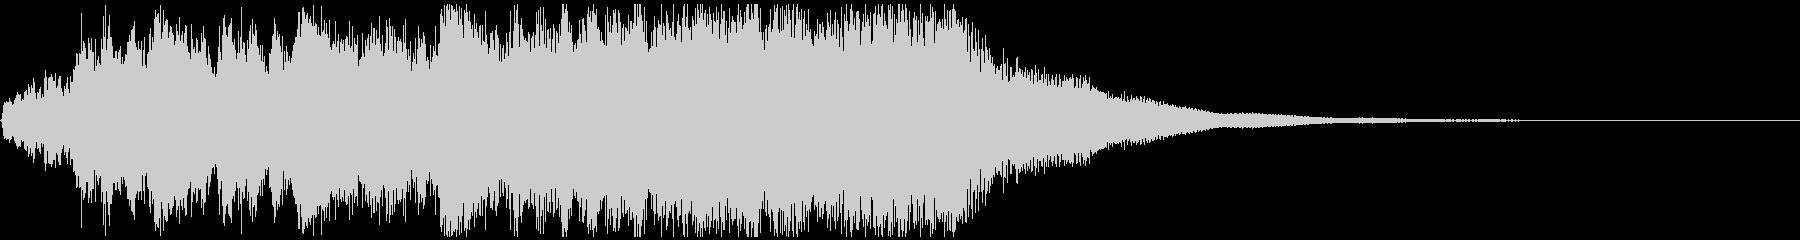 期待の結果発表などに最適ジングル約10秒の未再生の波形